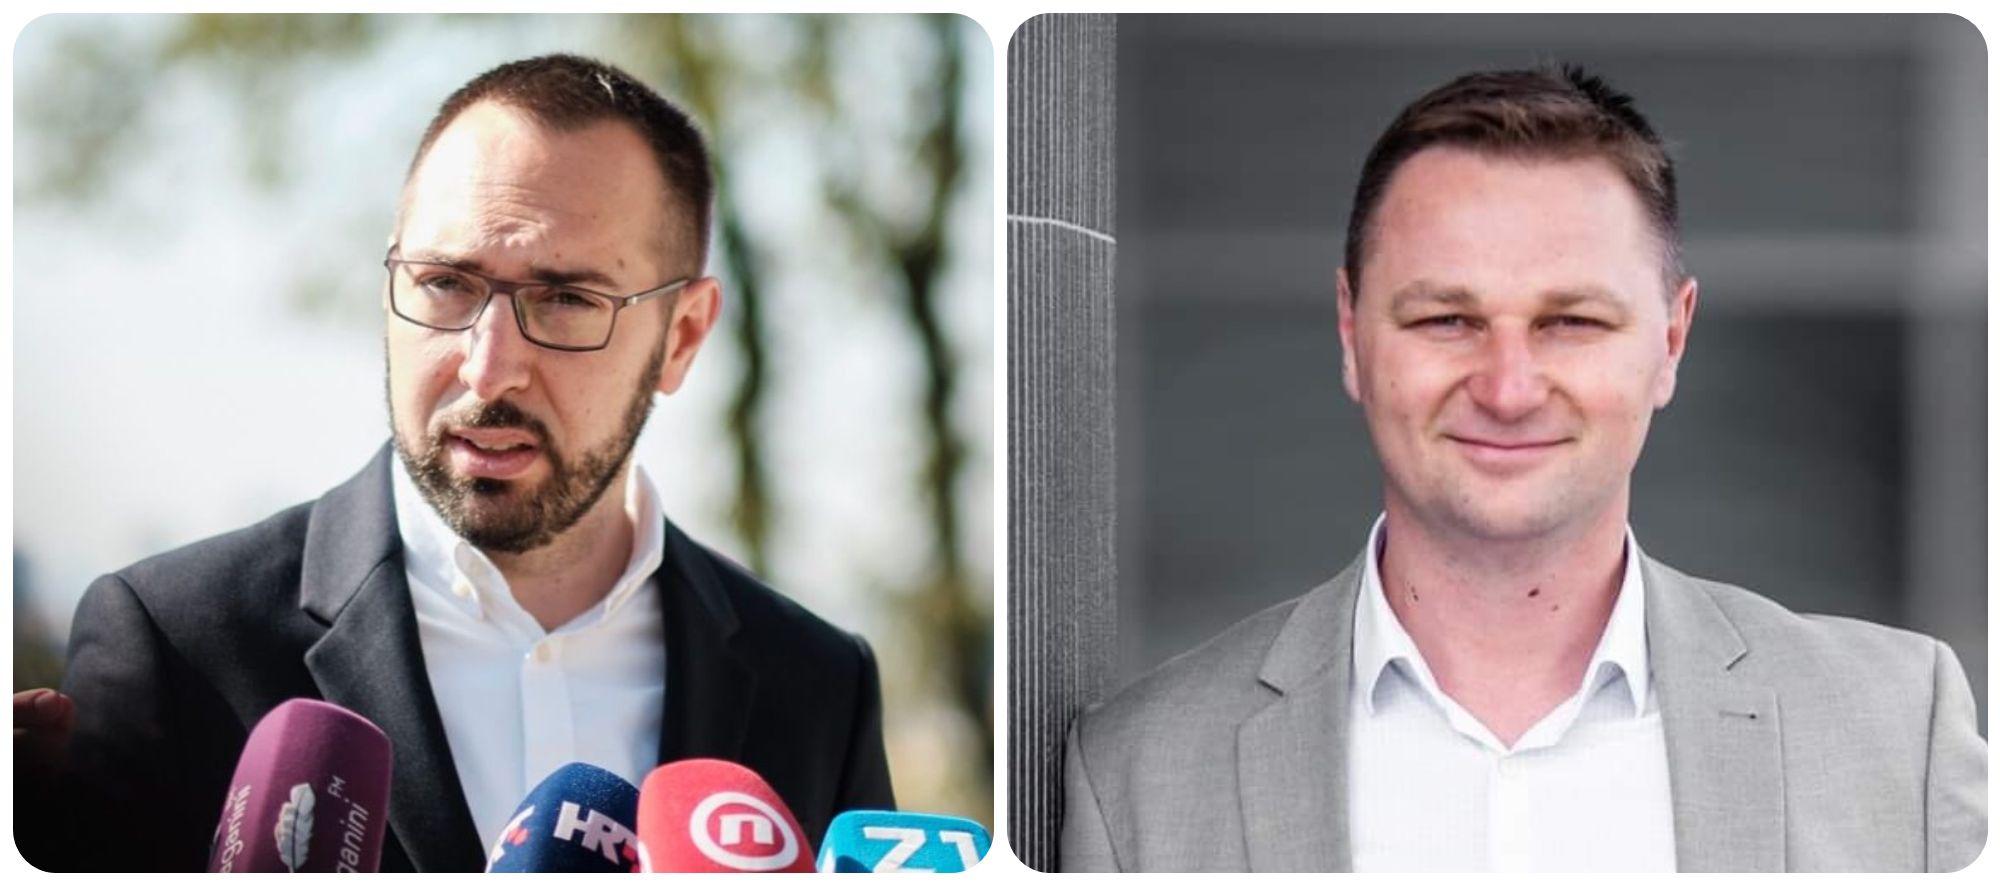 Zašto Tomašević smije sve, a Marušić ne smije ništa